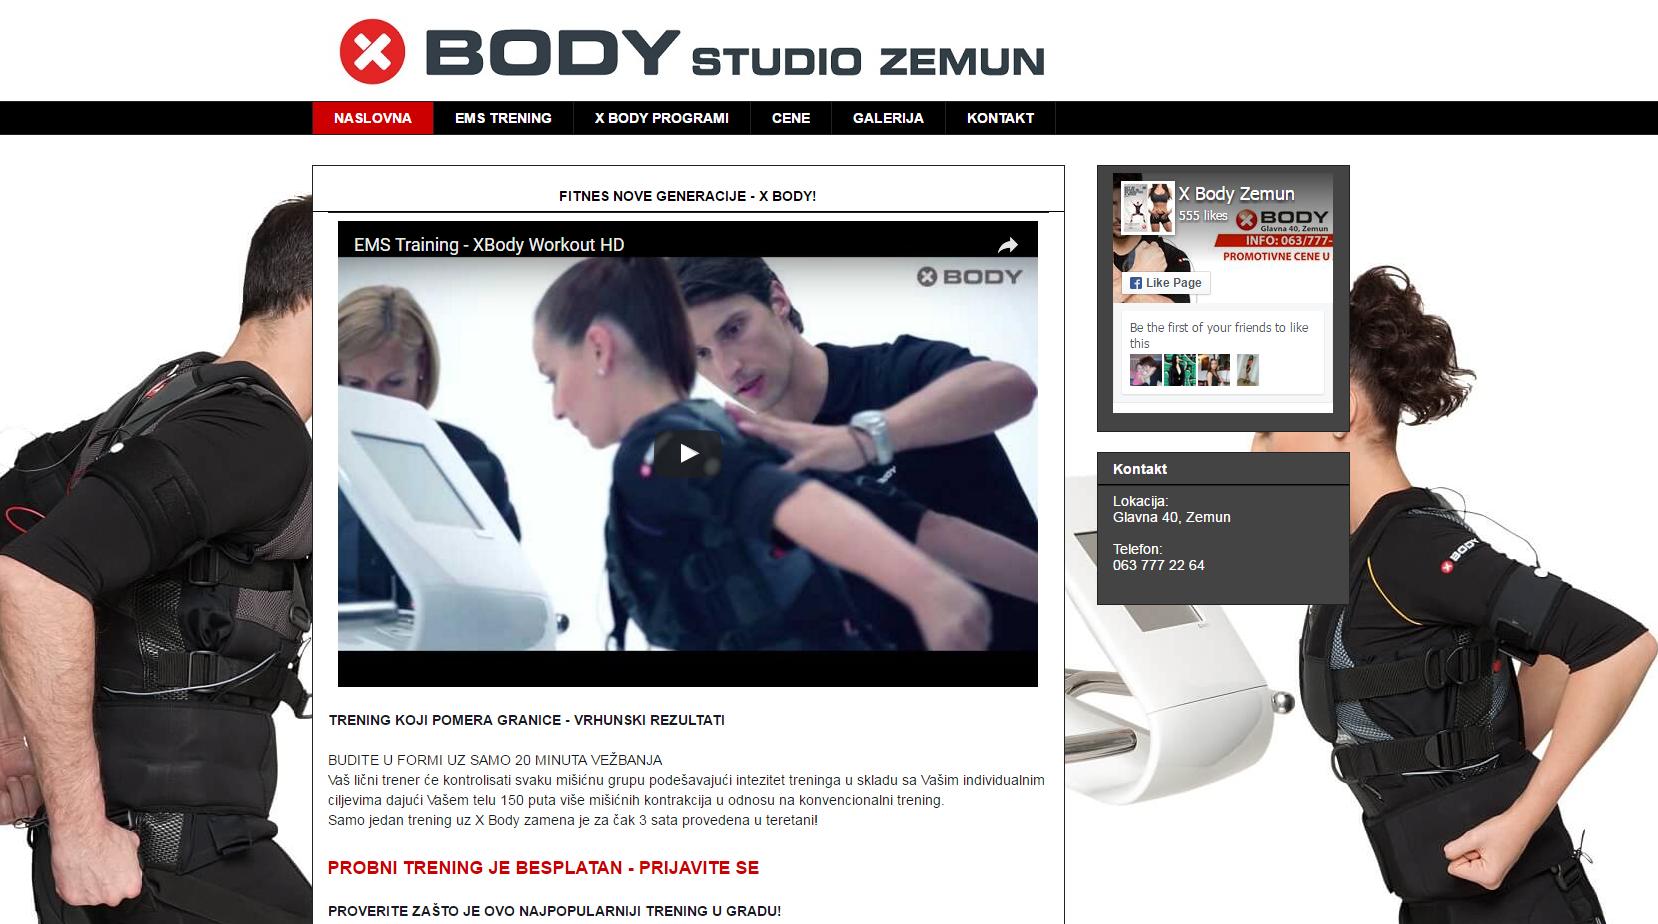 X Body studio Zemun